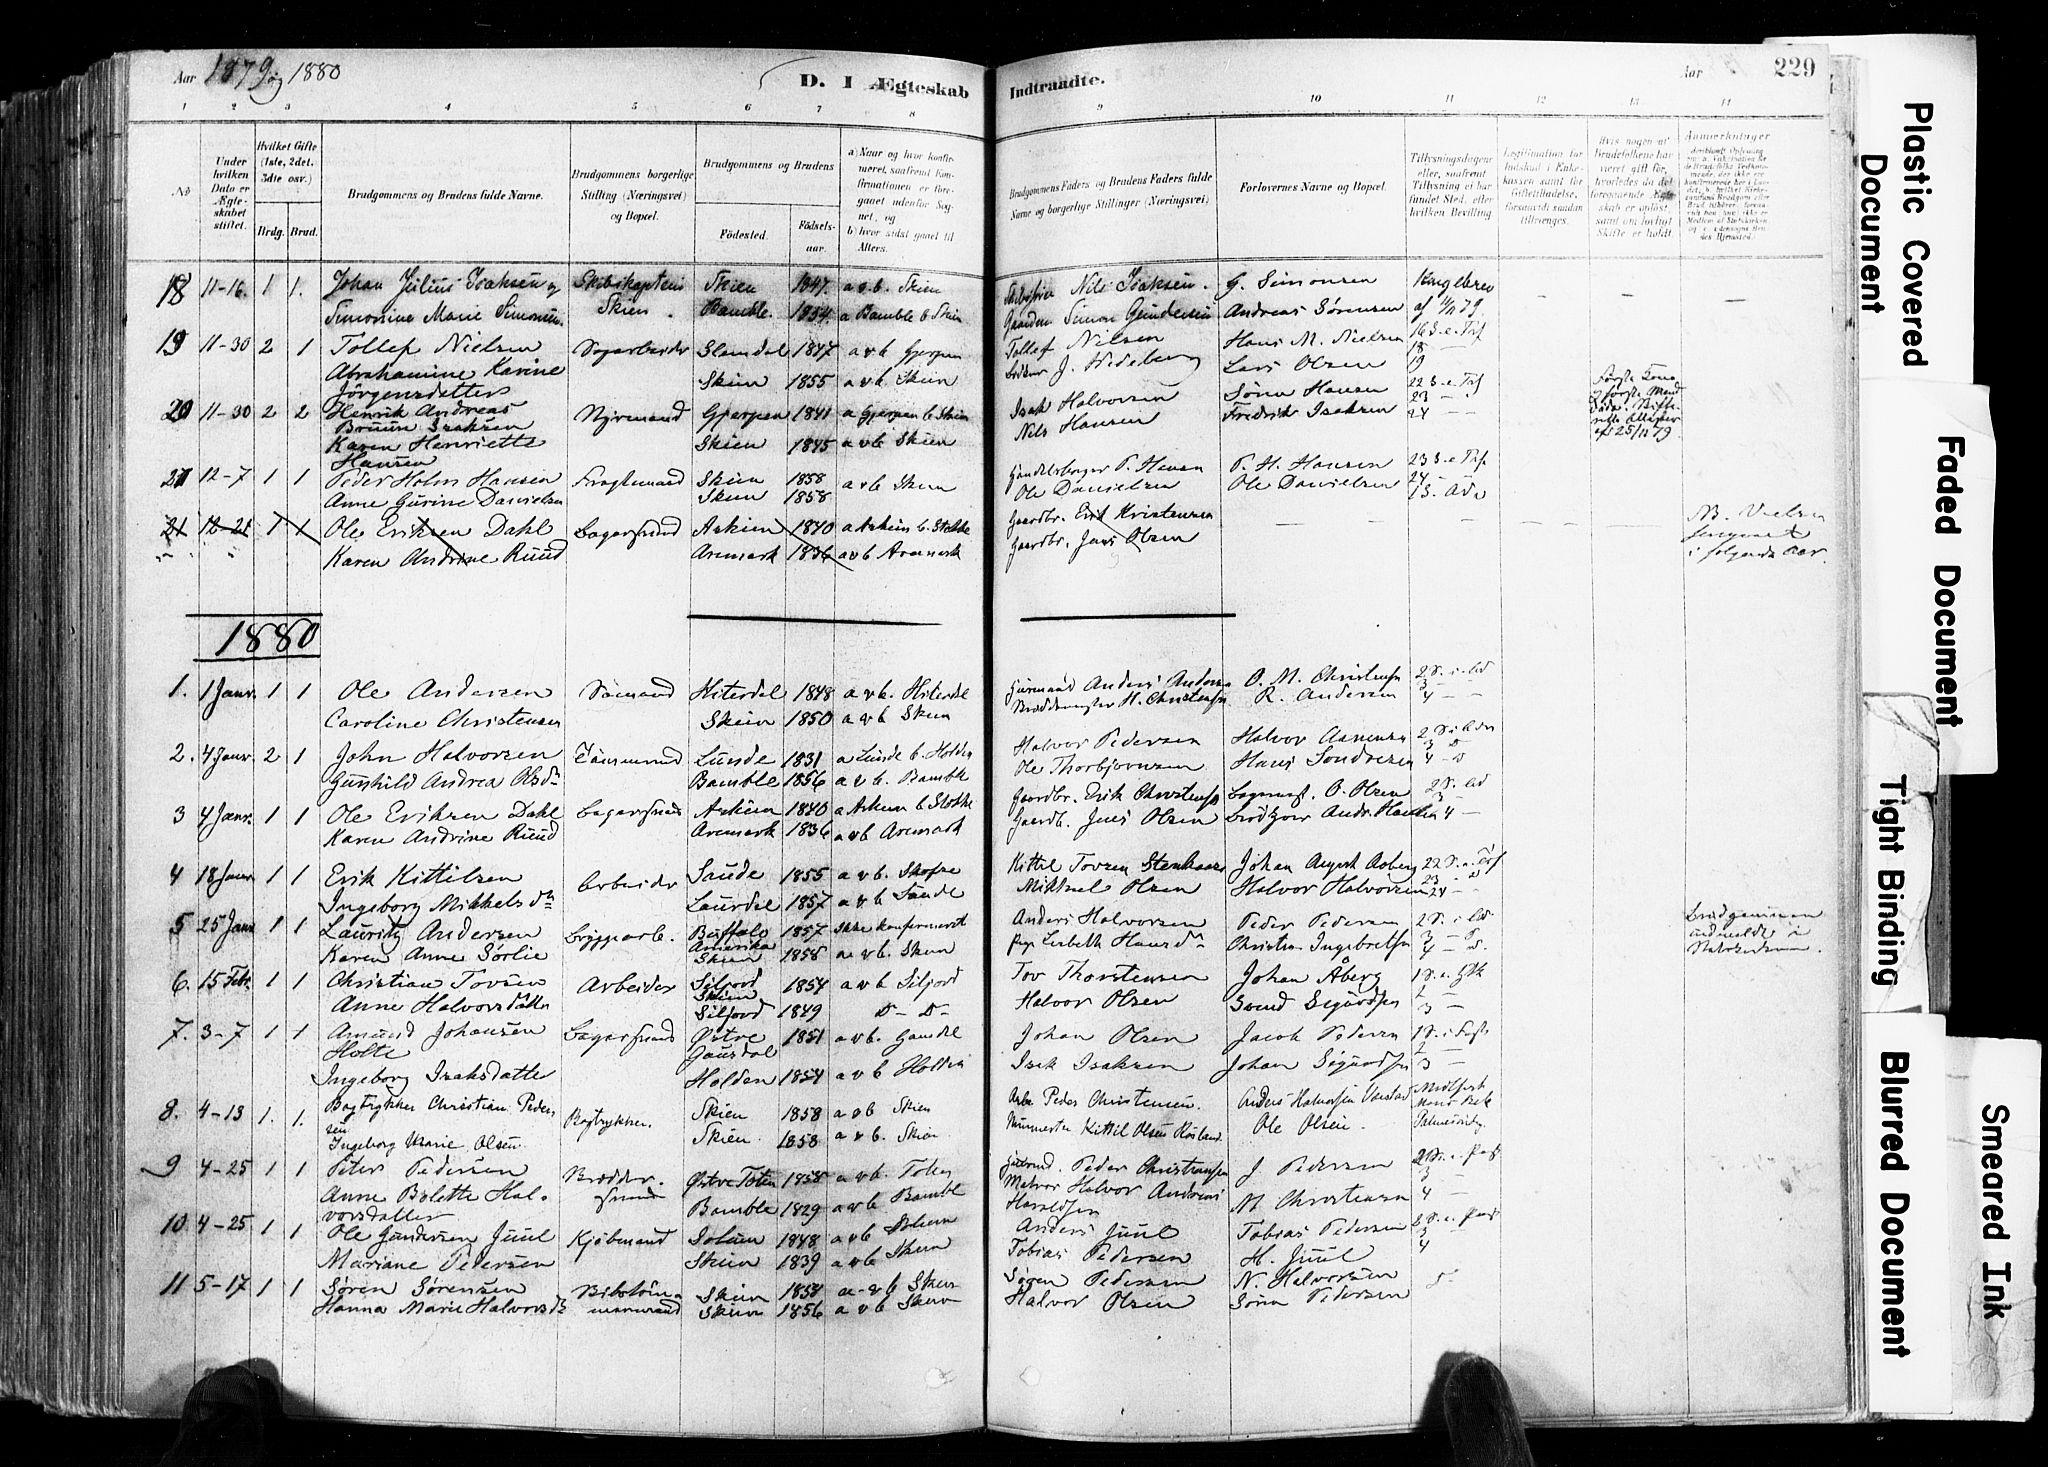 SAKO, Skien kirkebøker, F/Fa/L0009: Ministerialbok nr. 9, 1878-1890, s. 229